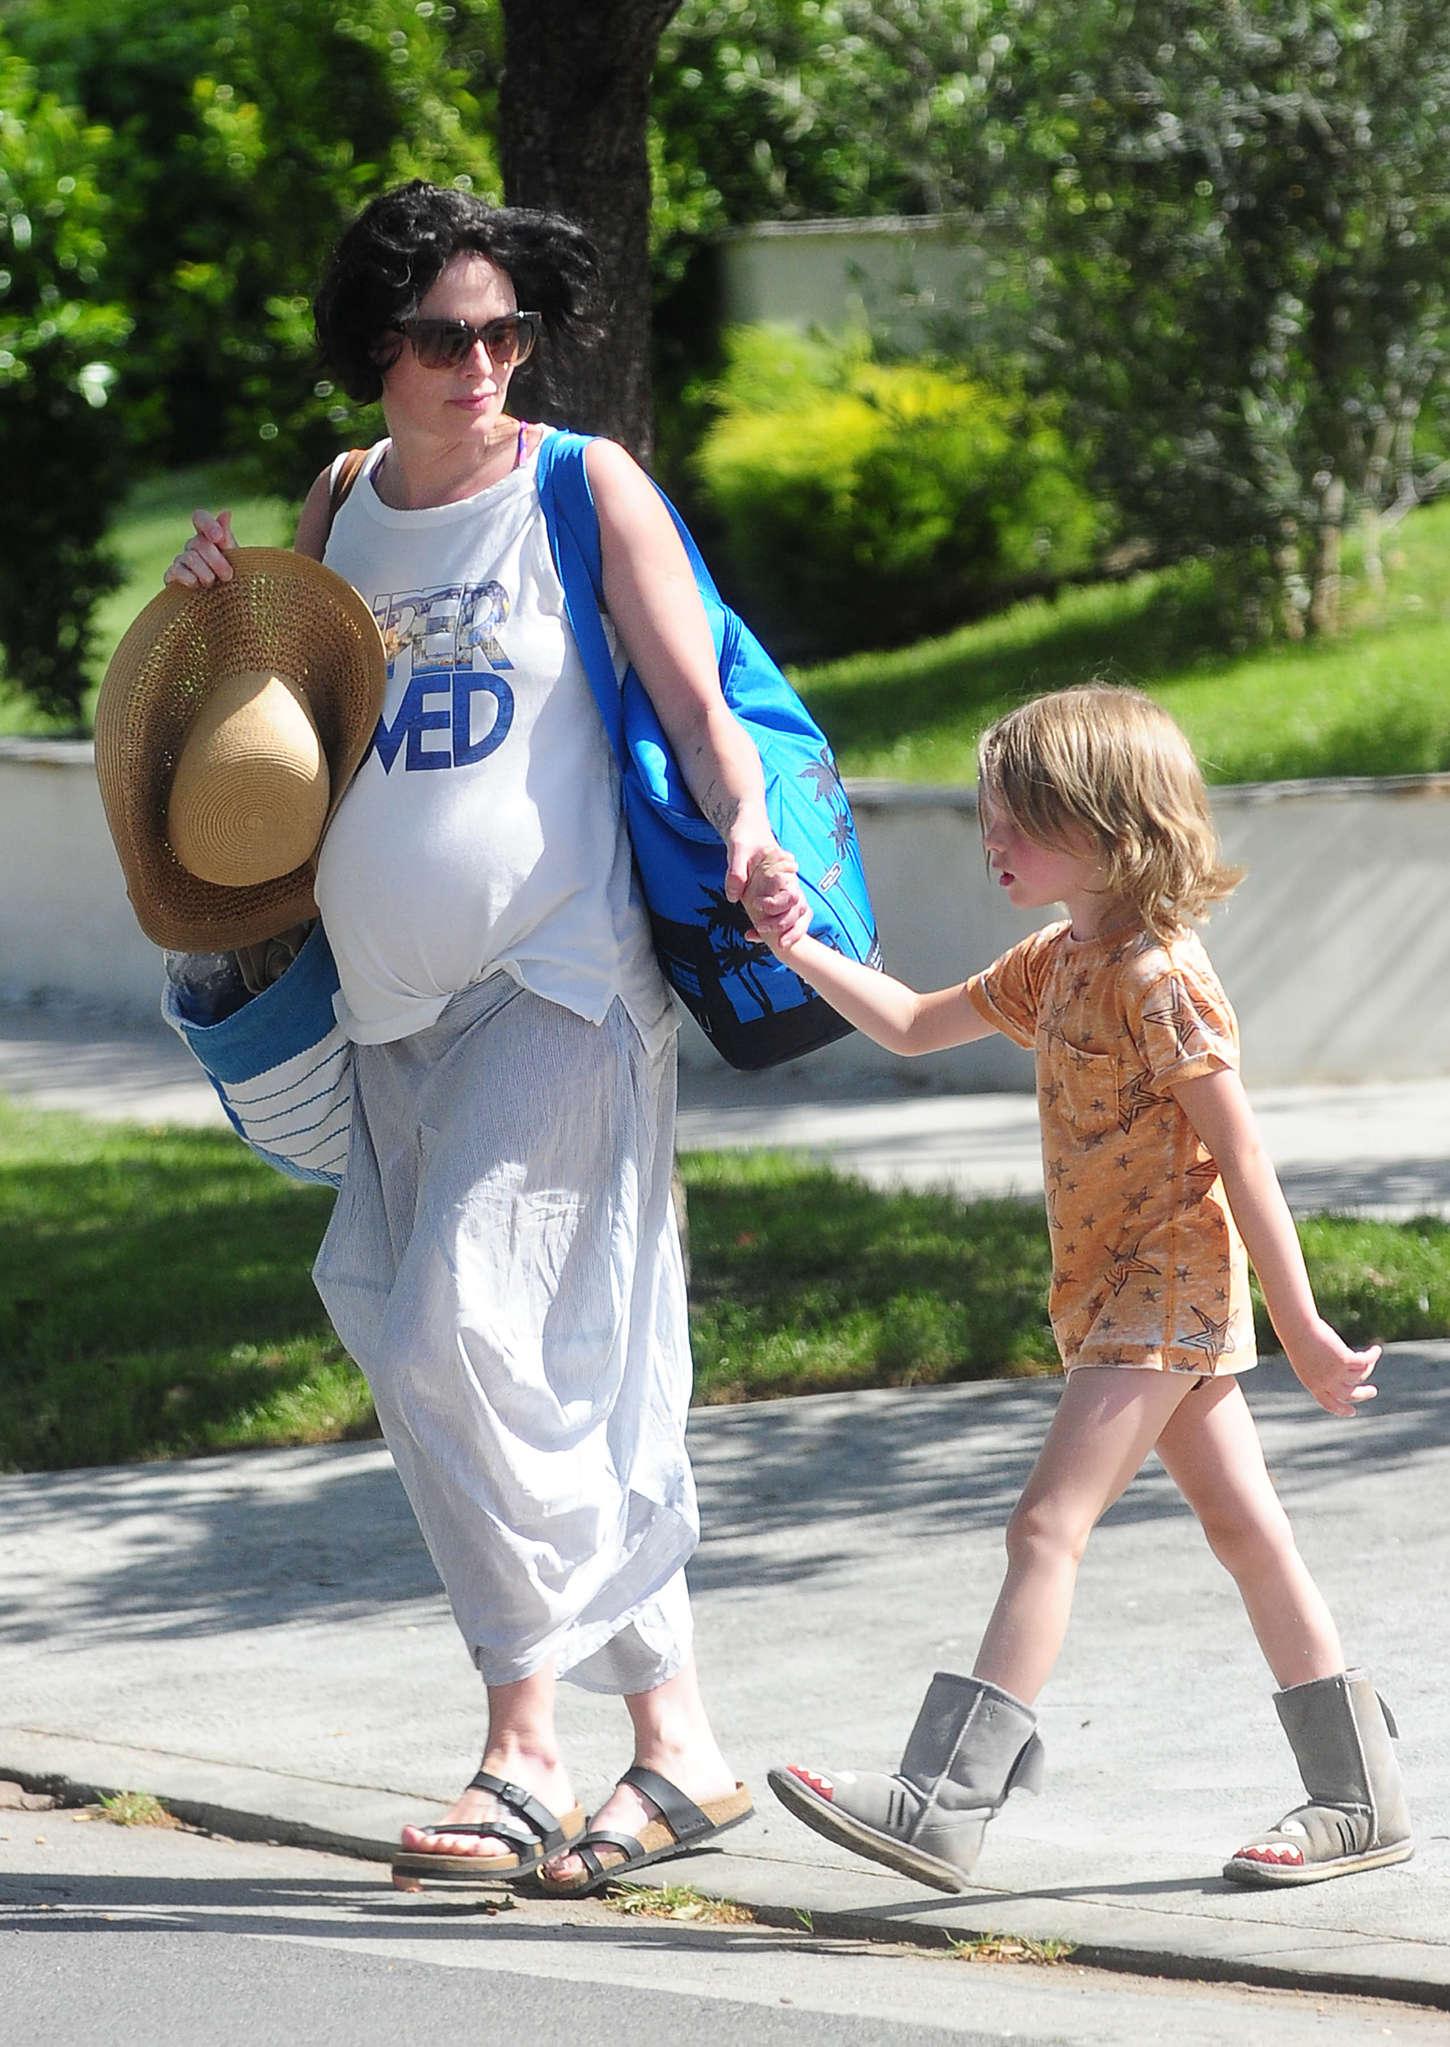 Lena Headey 2015 : Lena Headey: Leaving a pool party with her son -07